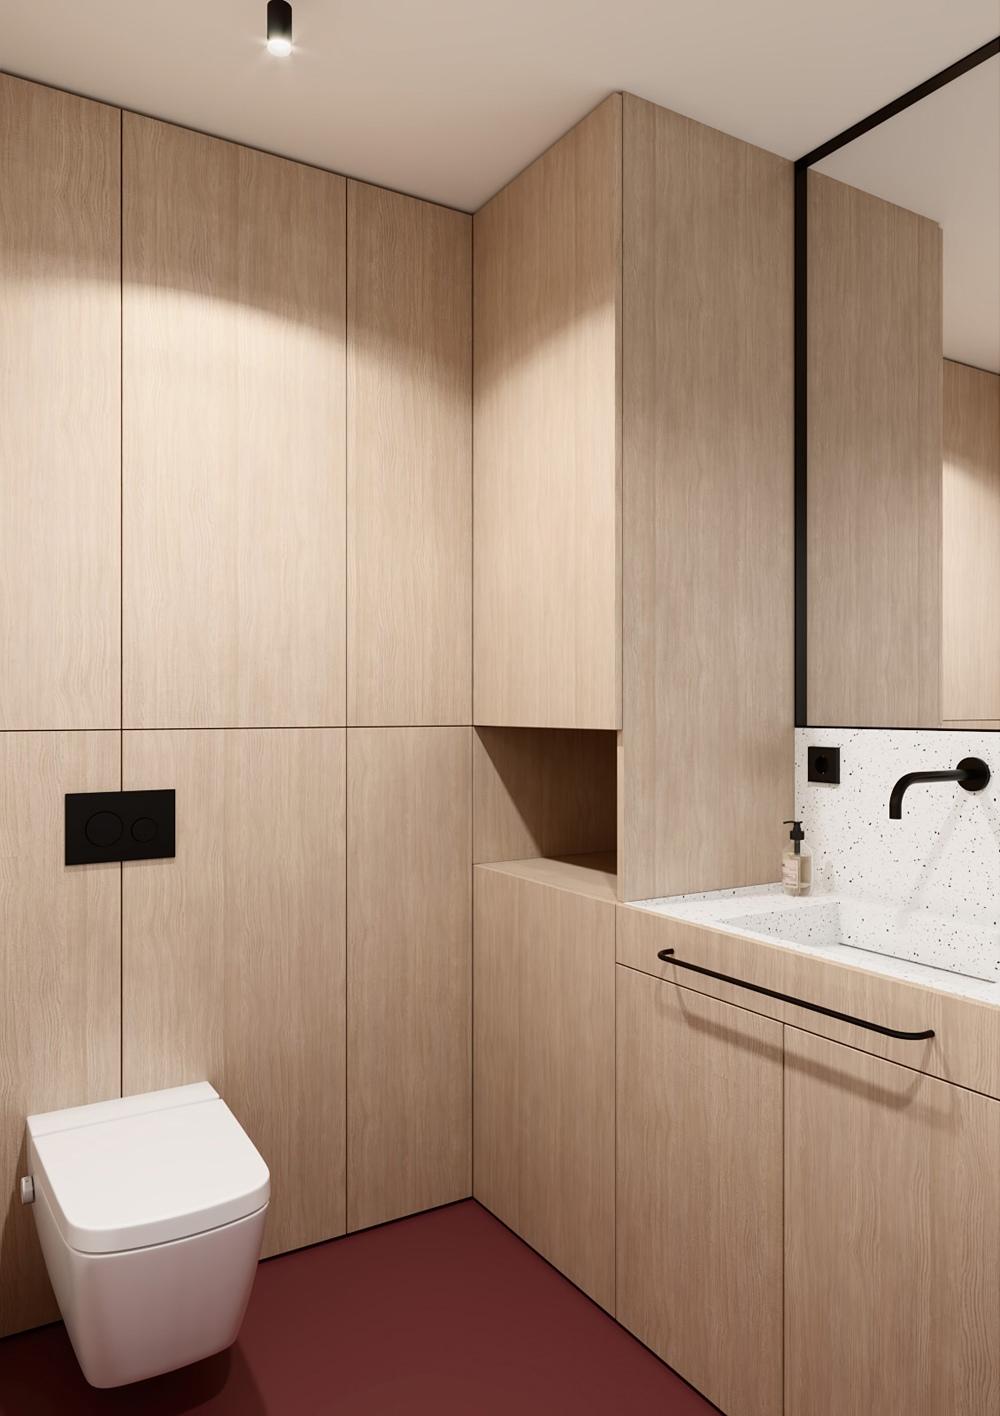 Проект квартиры открытой планировки 36 кв.